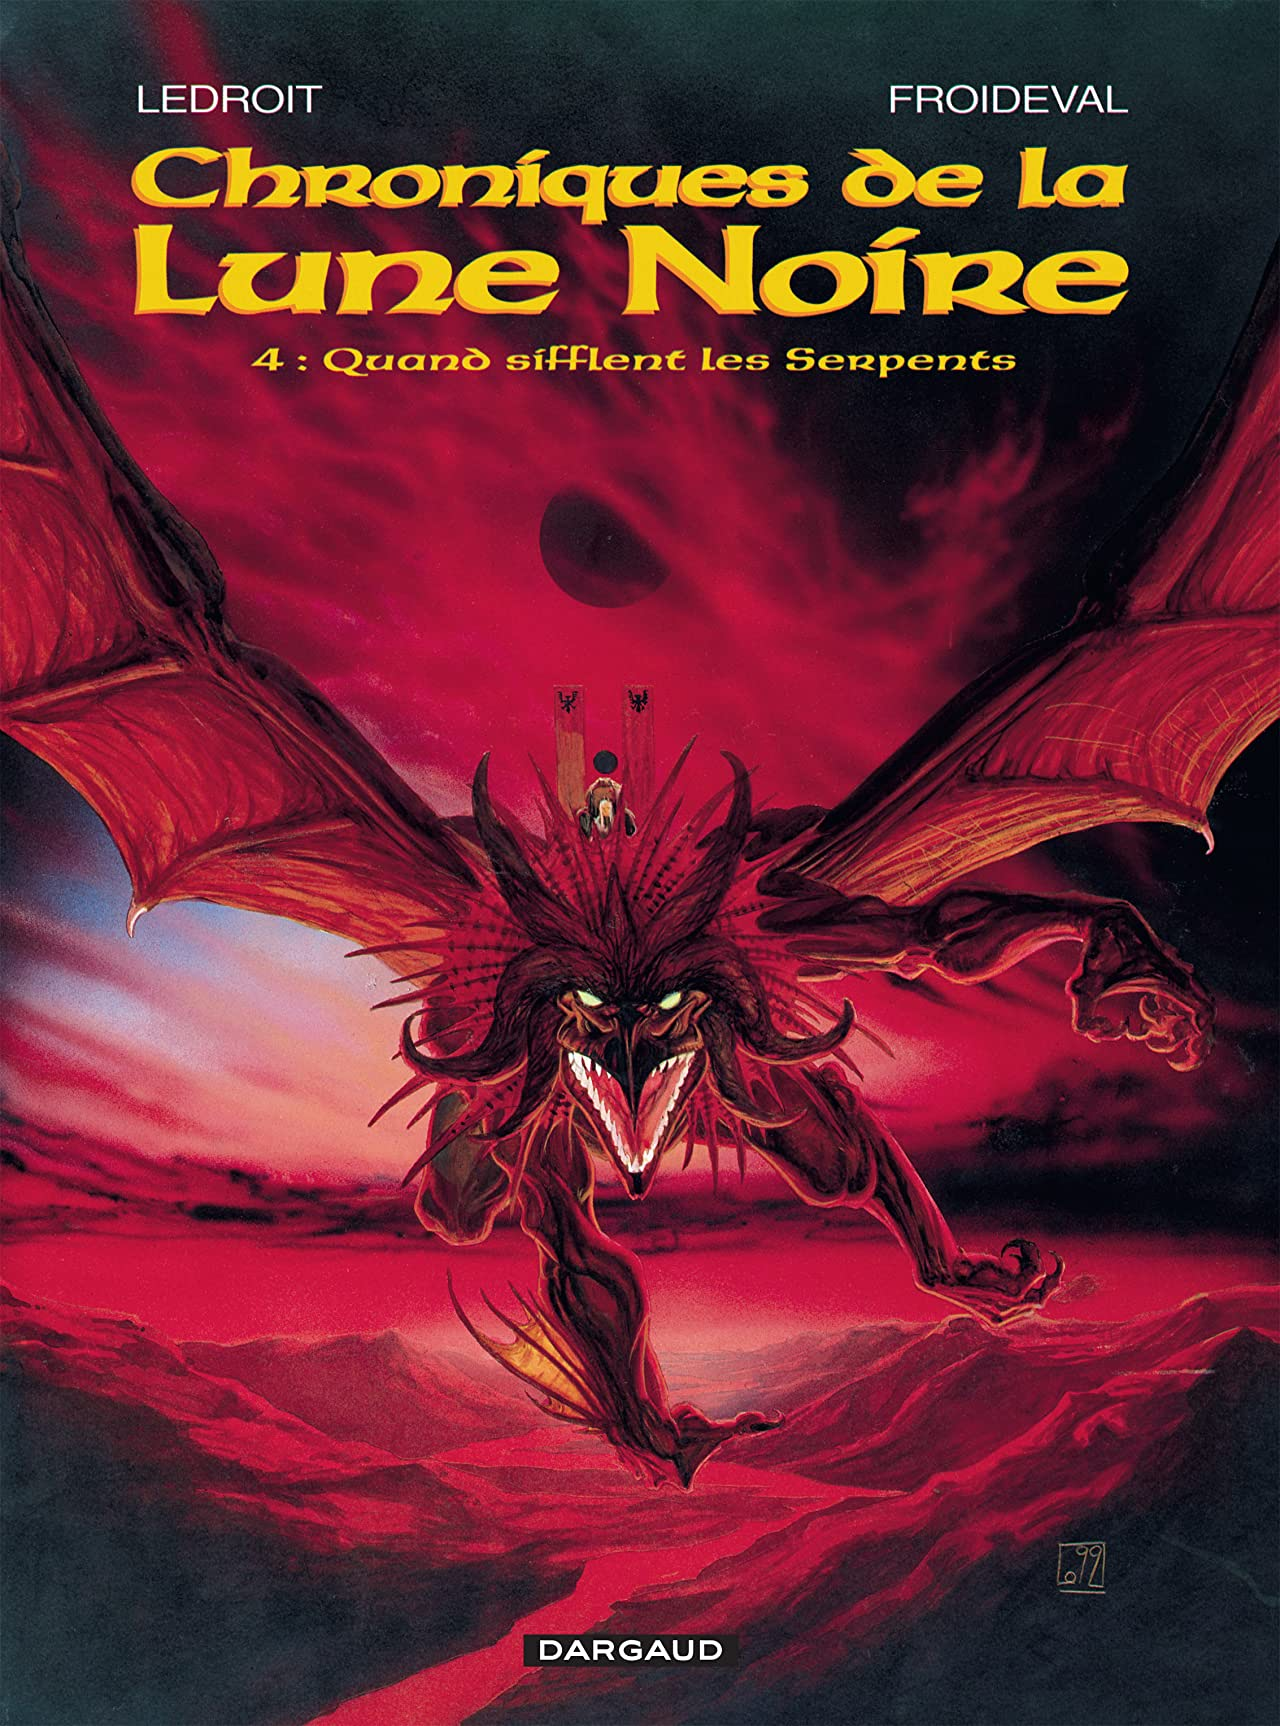 Chroniques de la Lune Noire Vol. 4: Quand sifflent les serpents